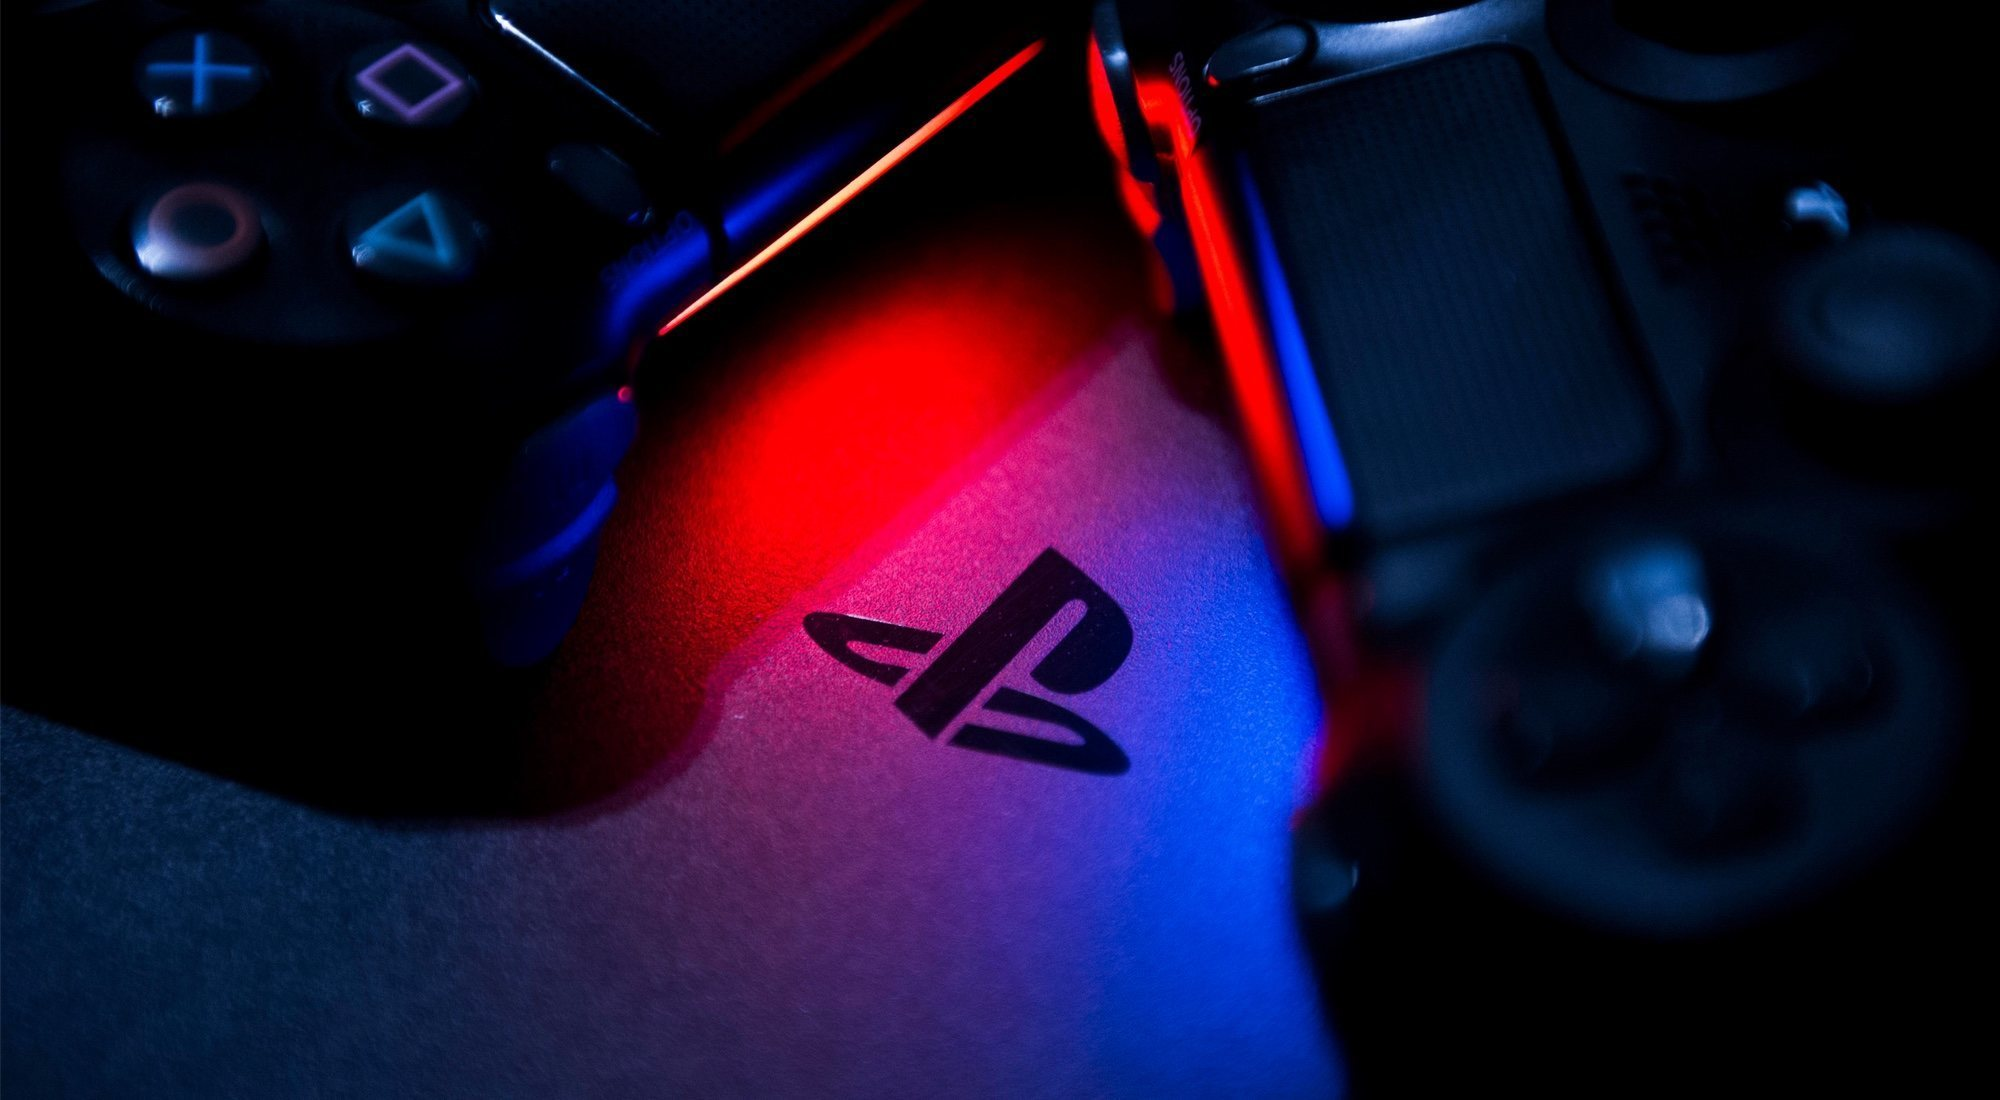 PlayStation 5: ¿de verdad es necesaria en 2020?